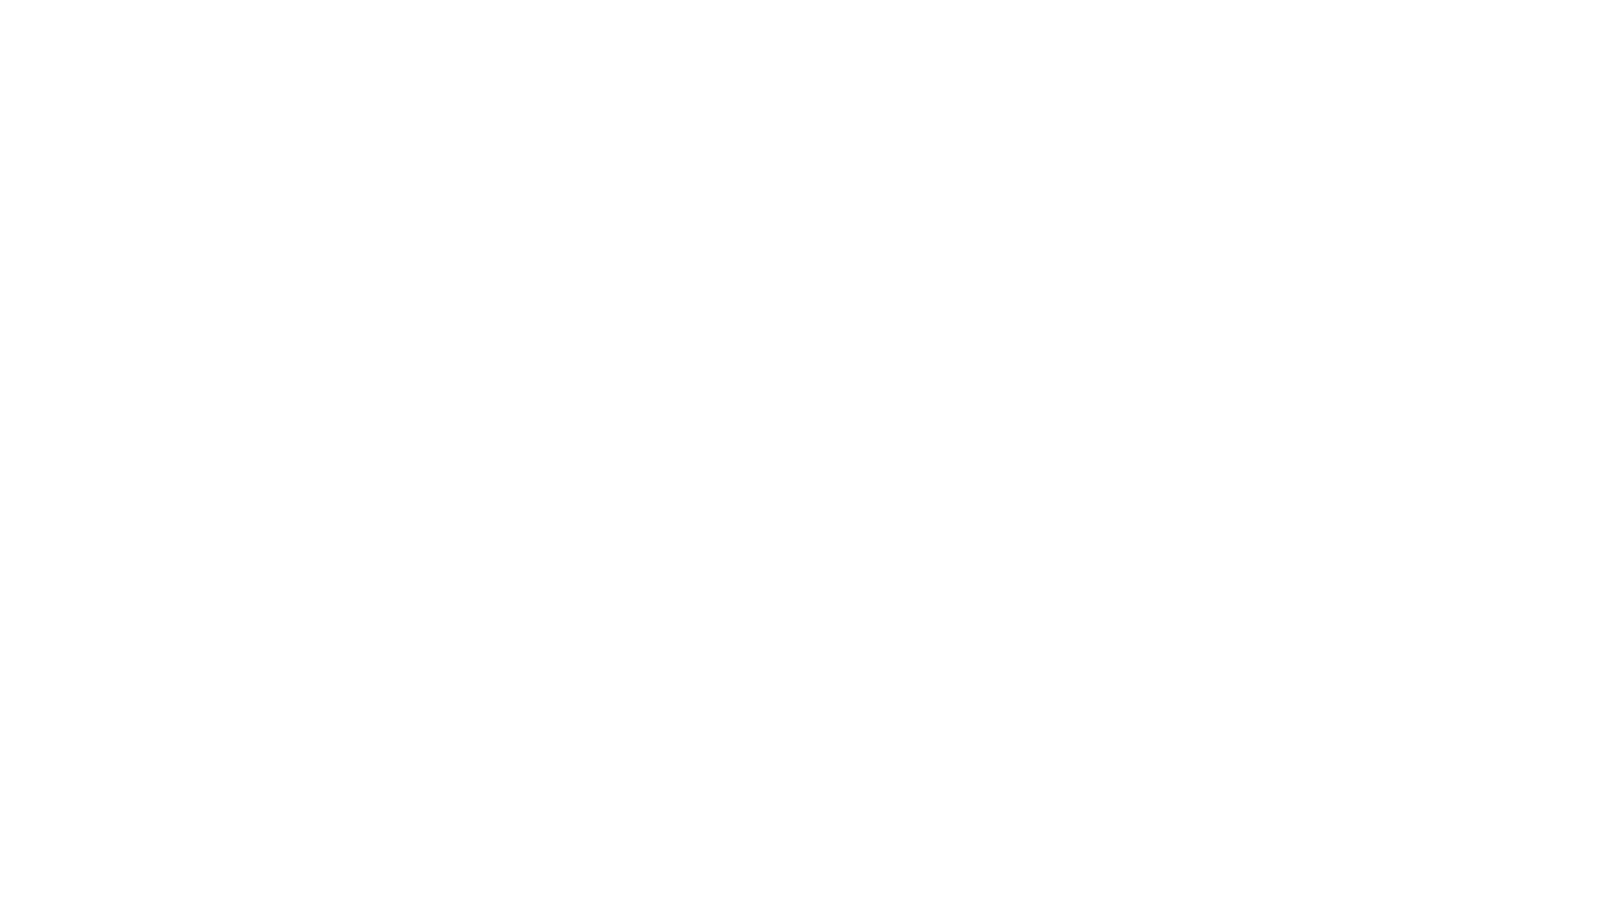 Благодарим Вас за покупку двери АРгус ДА-61 с зеркалом Милли белое дерево (https://argusshop.ru/dveri-argus-ljuks/argus-da-61-z/) в нашем интернет-магазине, и, отдельное спасибо за Ваш отзыв! Это самая высокая награда за нашу работу. Благодарим!